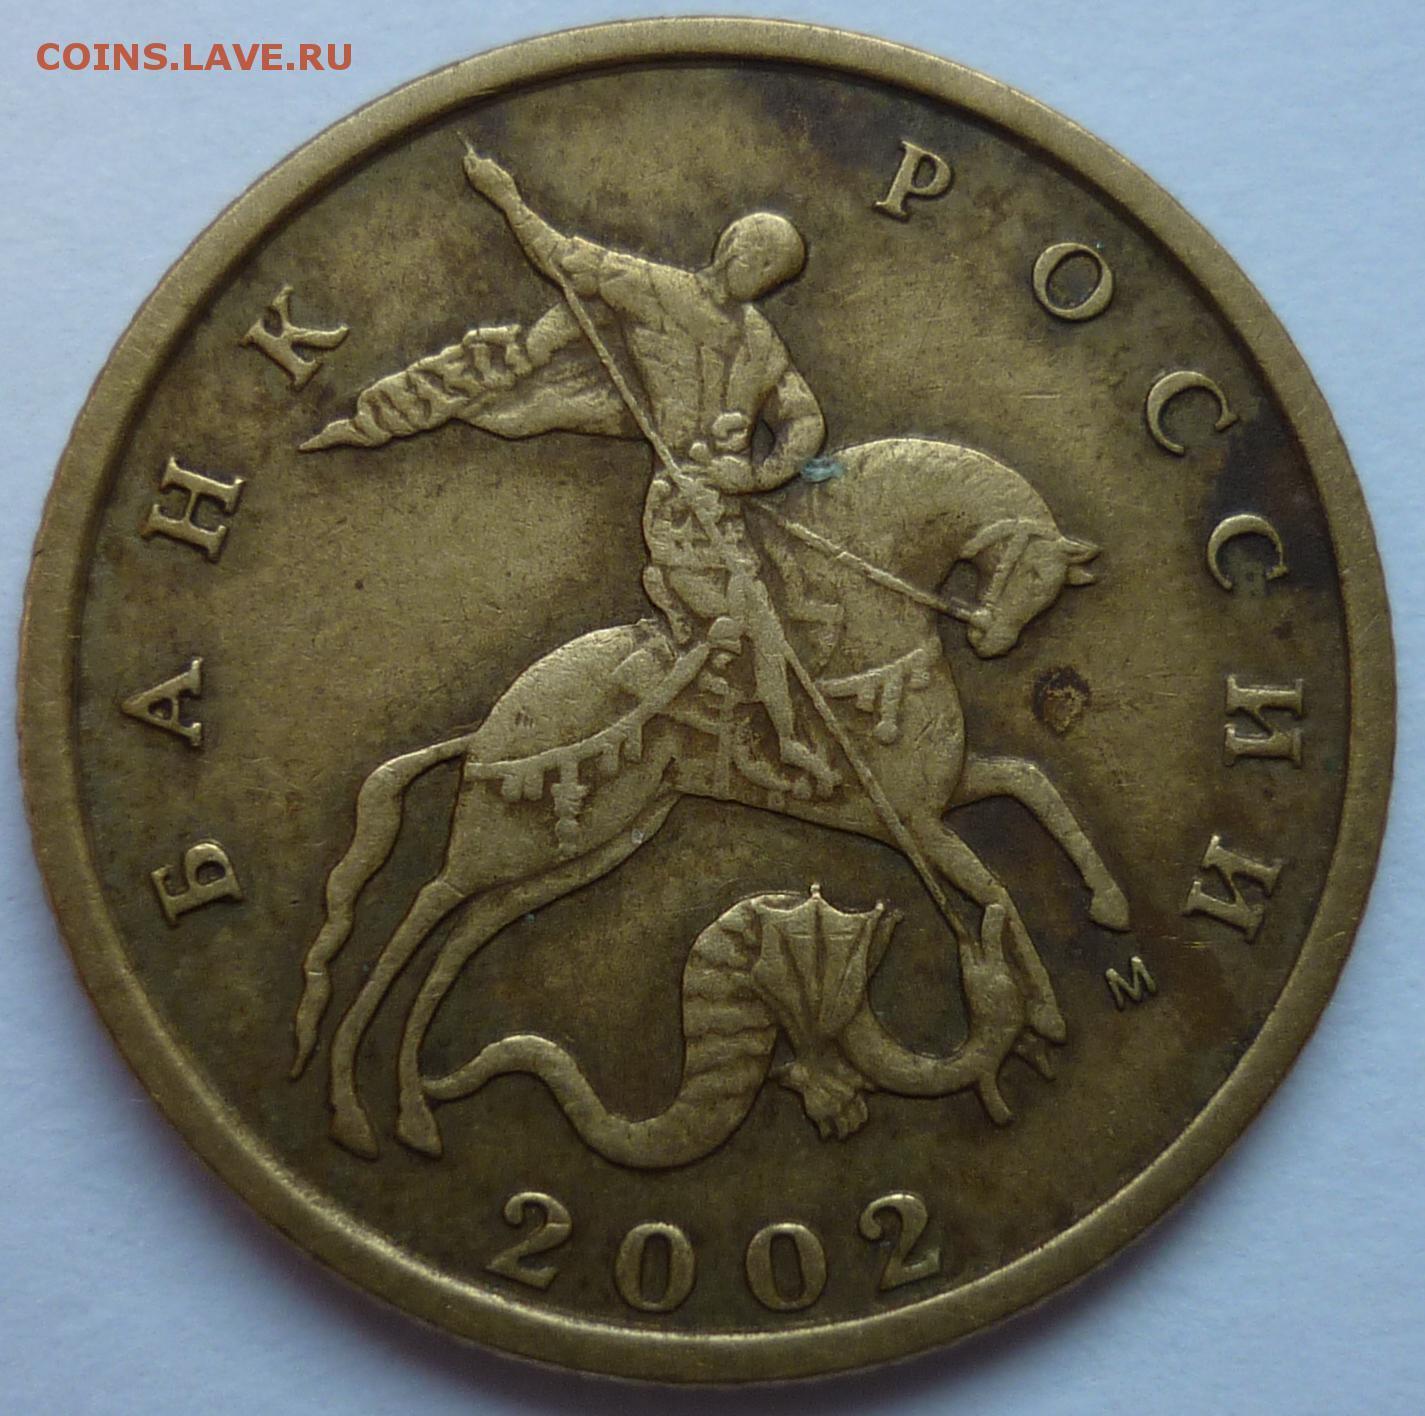 Стоимость монеты 10 копеек 2002 года цена 50 коп 1924 разновидности